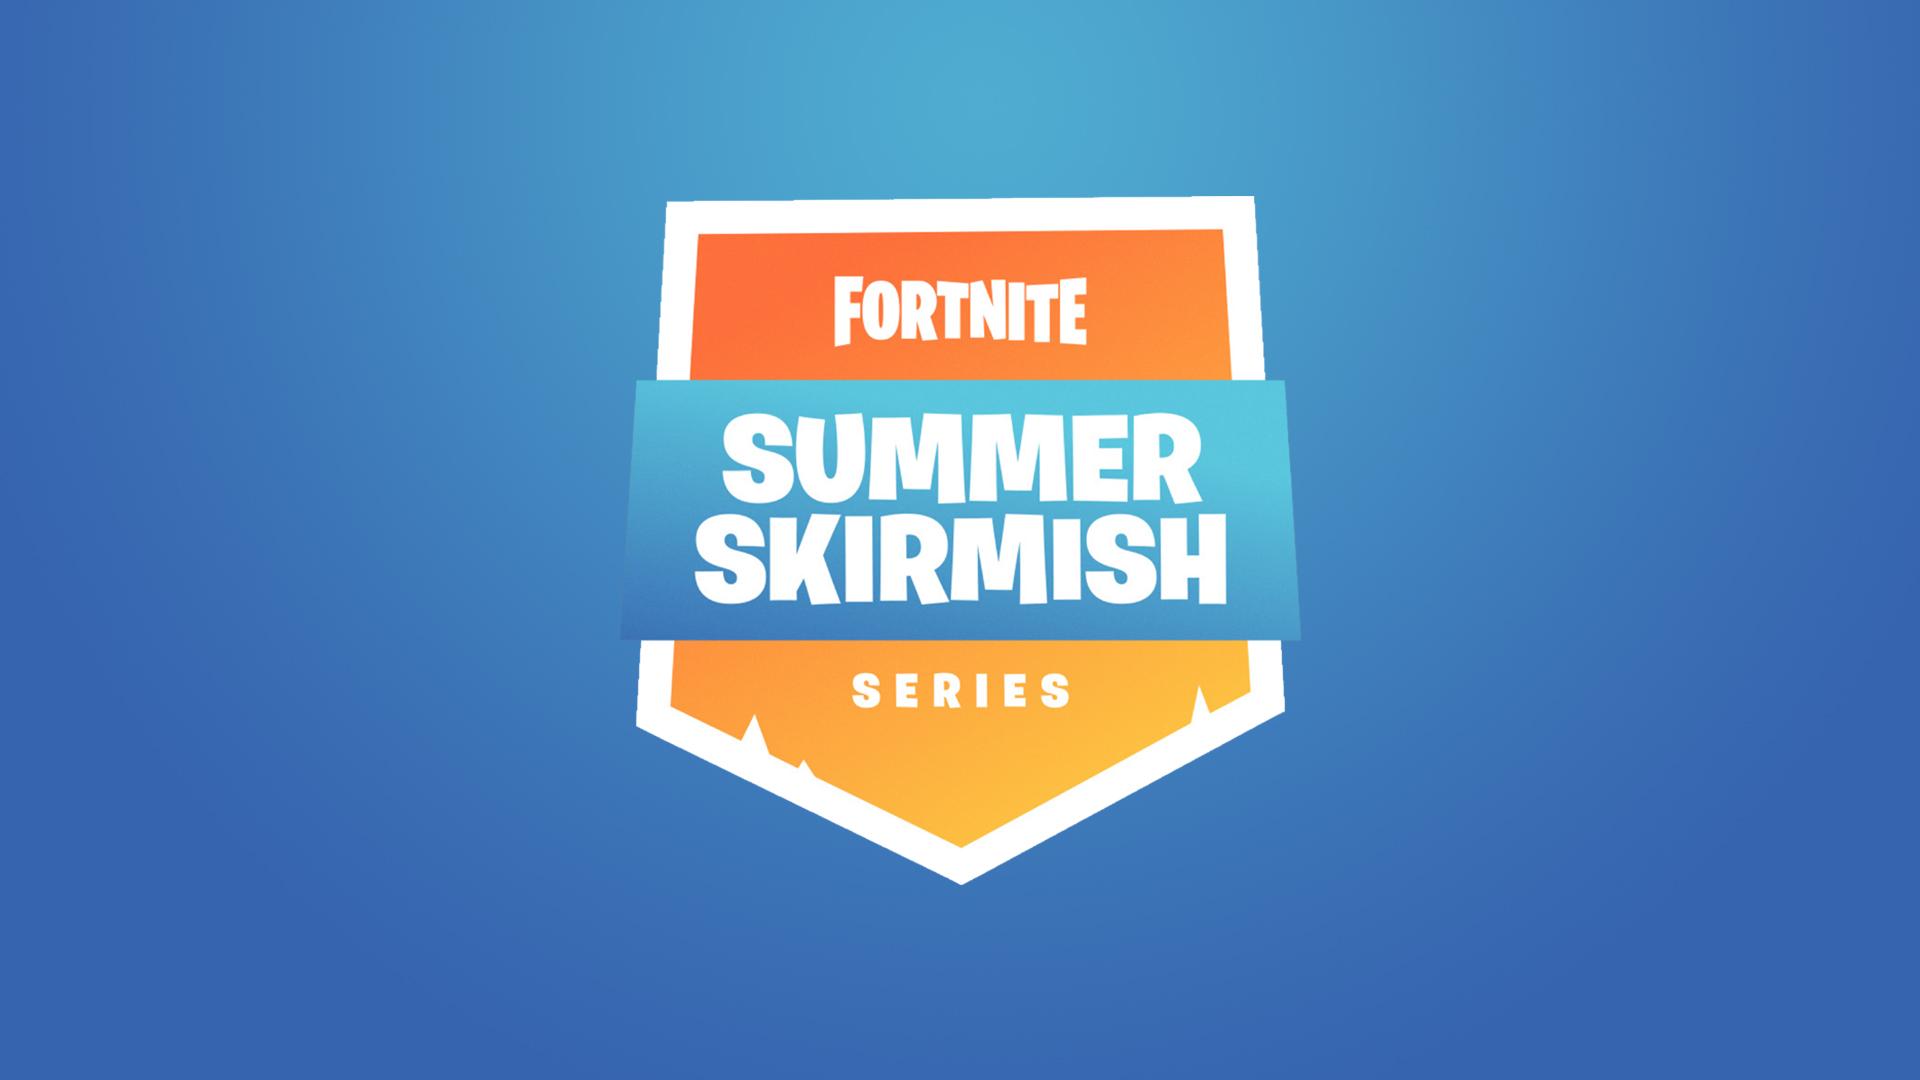 Fortnite Summer Skirmish Turnuvası